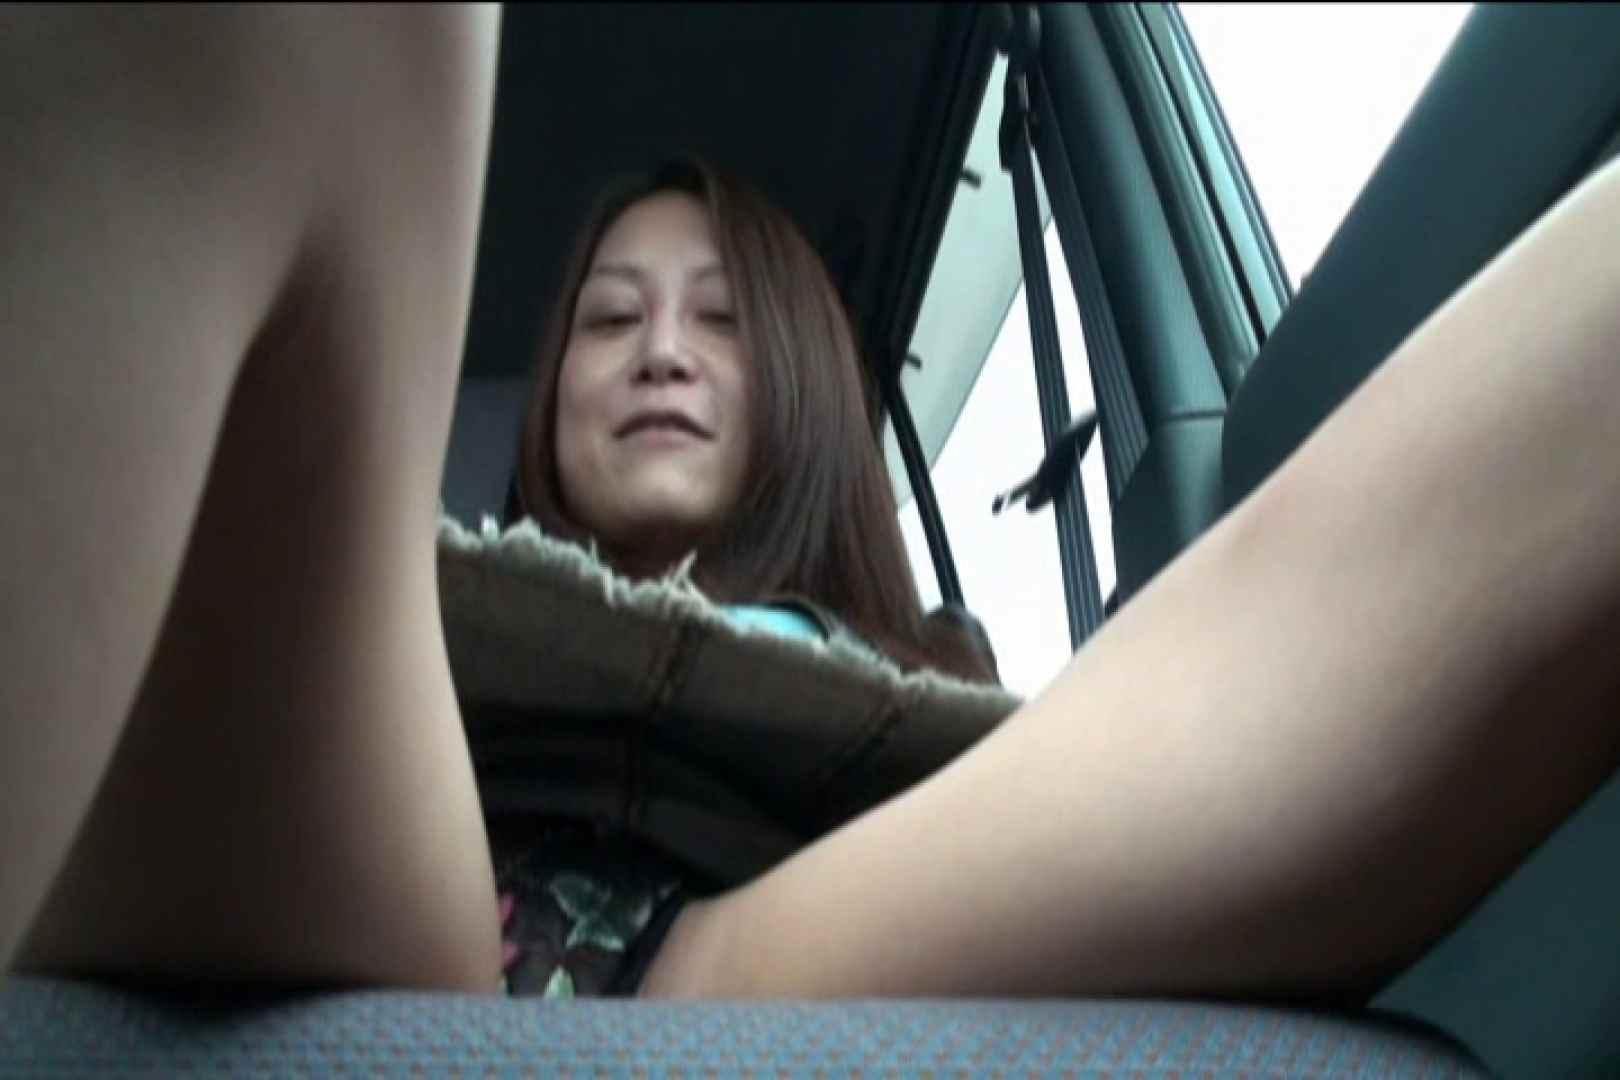 車内で初めまして! vol04 フェラ オメコ無修正動画無料 60枚 39